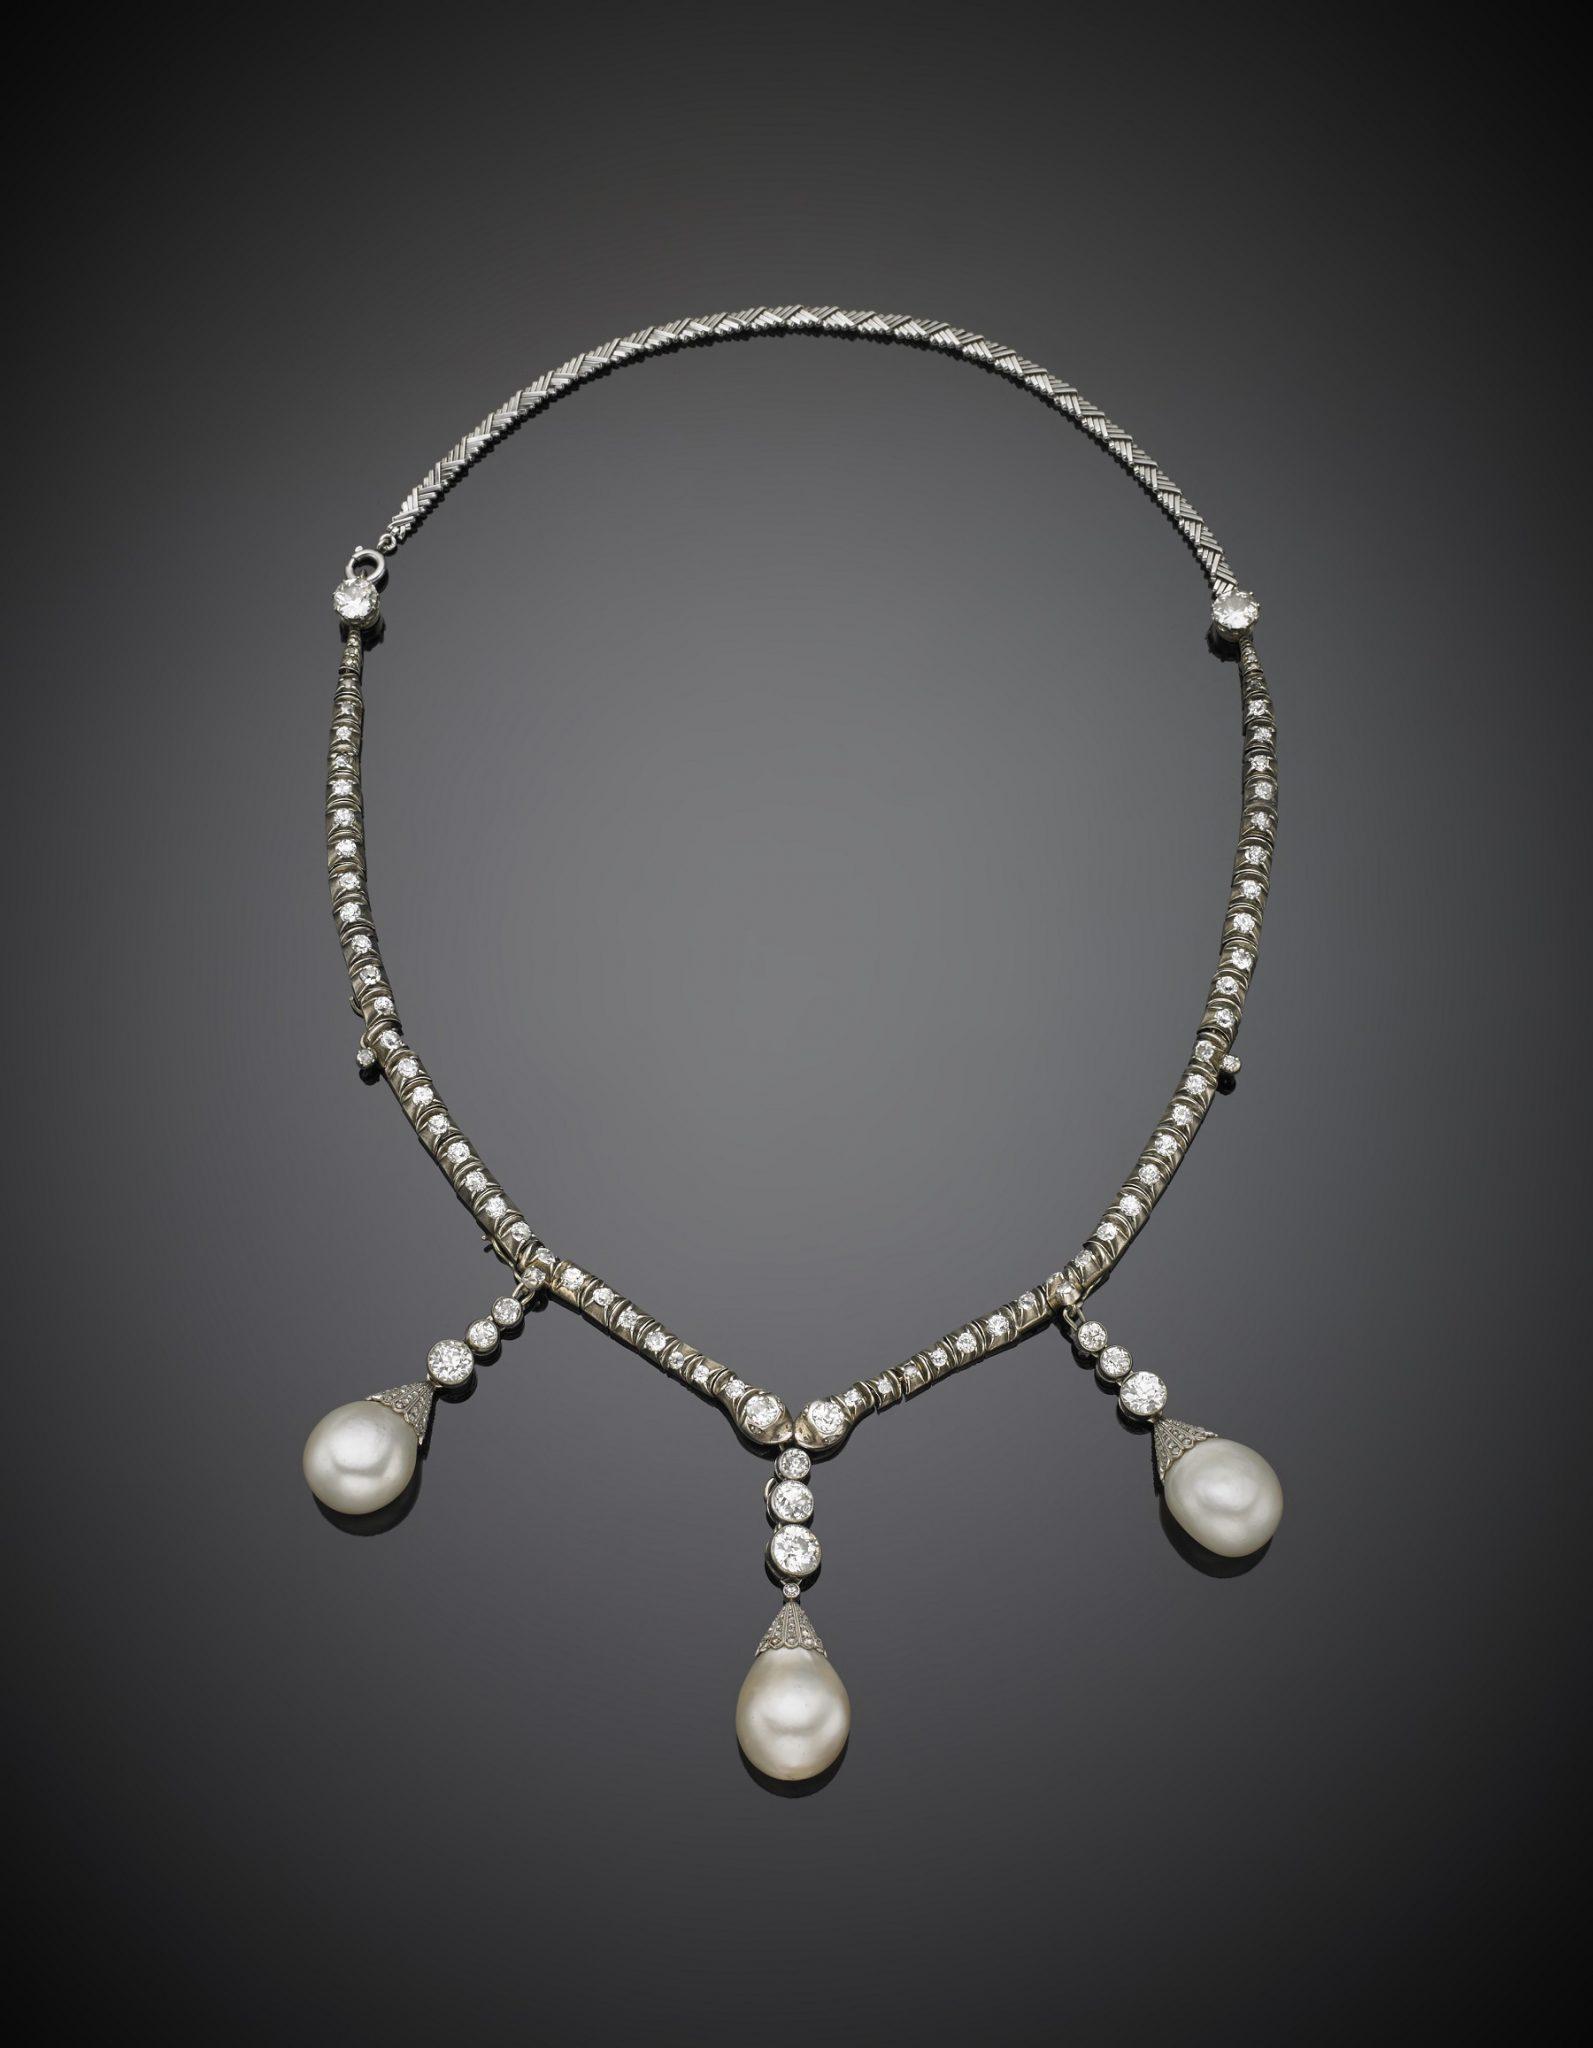 Collier in platino con diamanti rotondi e perle naturali Il Ponte